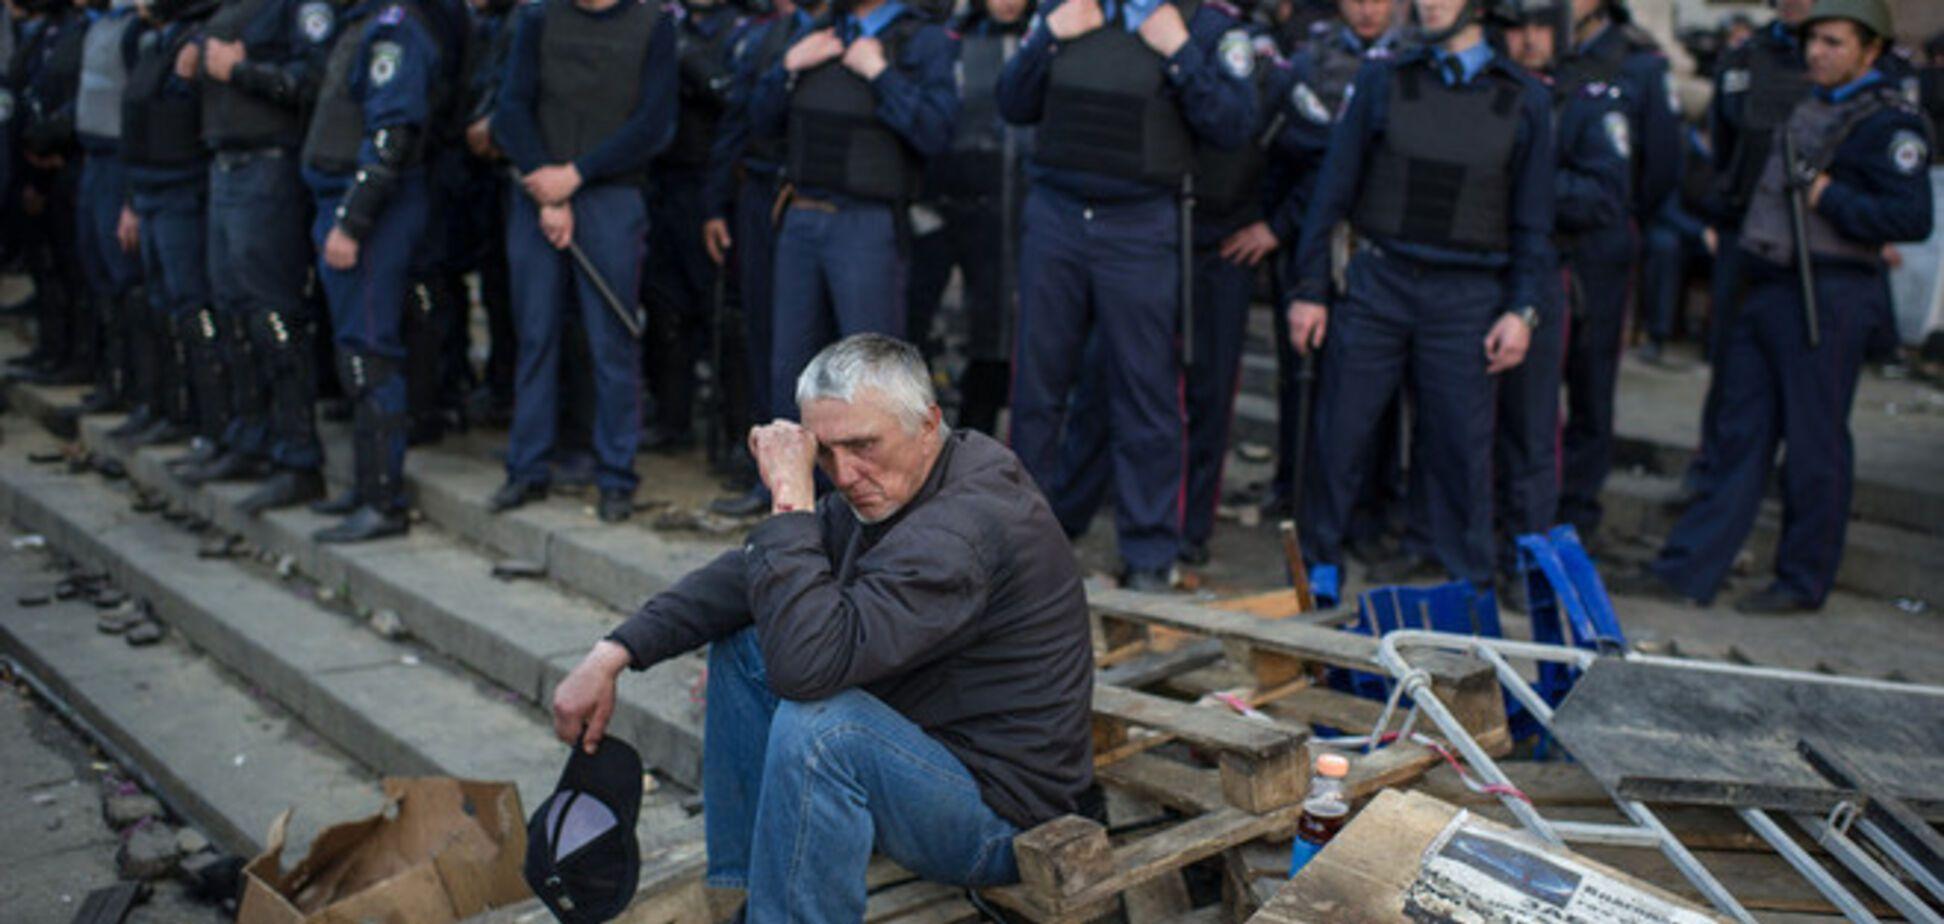 Ярема: жертви одеської трагедії миттєво вмирали від невідомої речовини